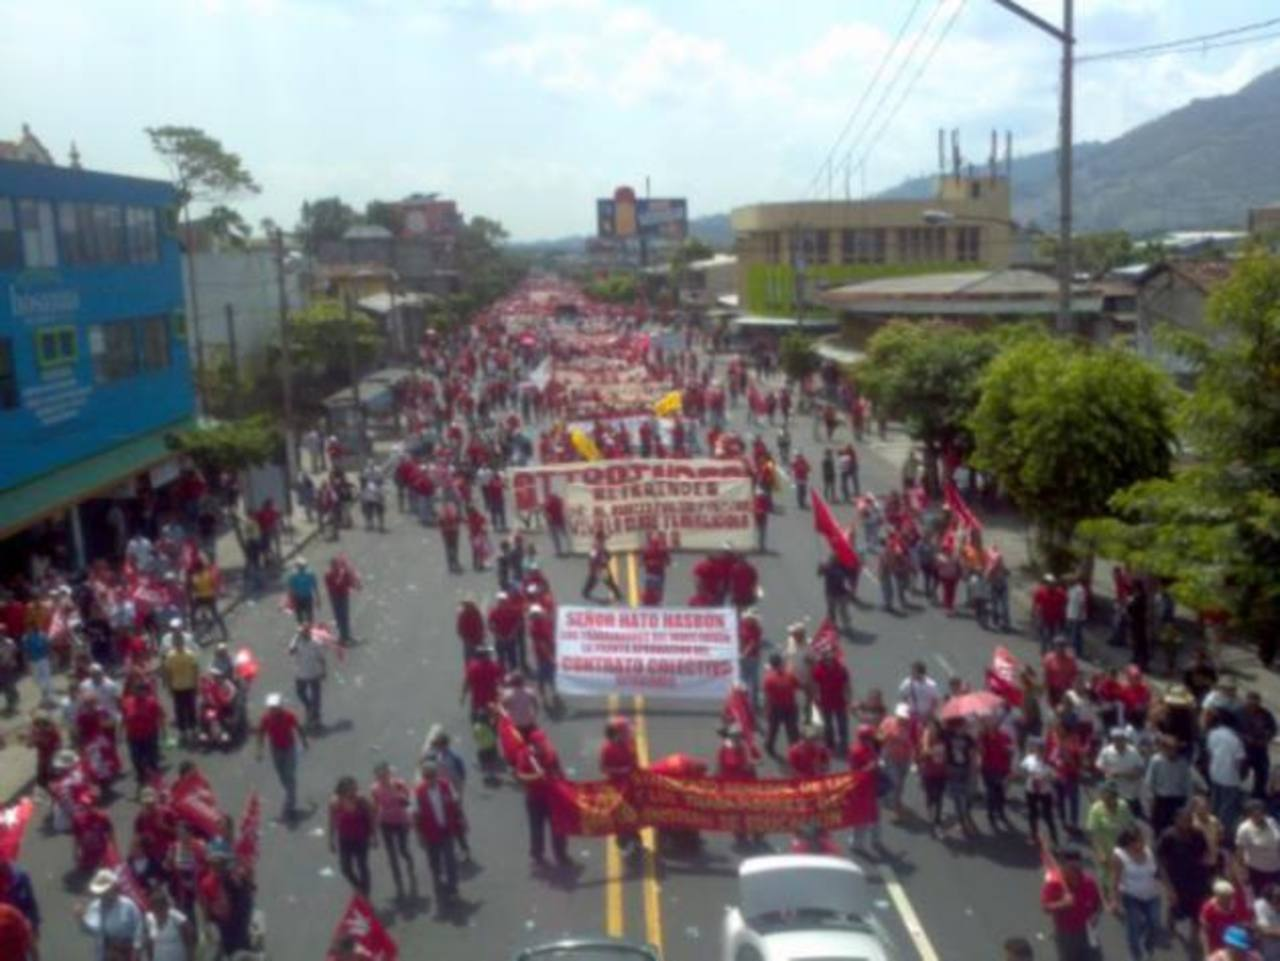 La marcha que salió desde la alameda Juan Pablo II con dirección a la plaza Salvador del Mundo